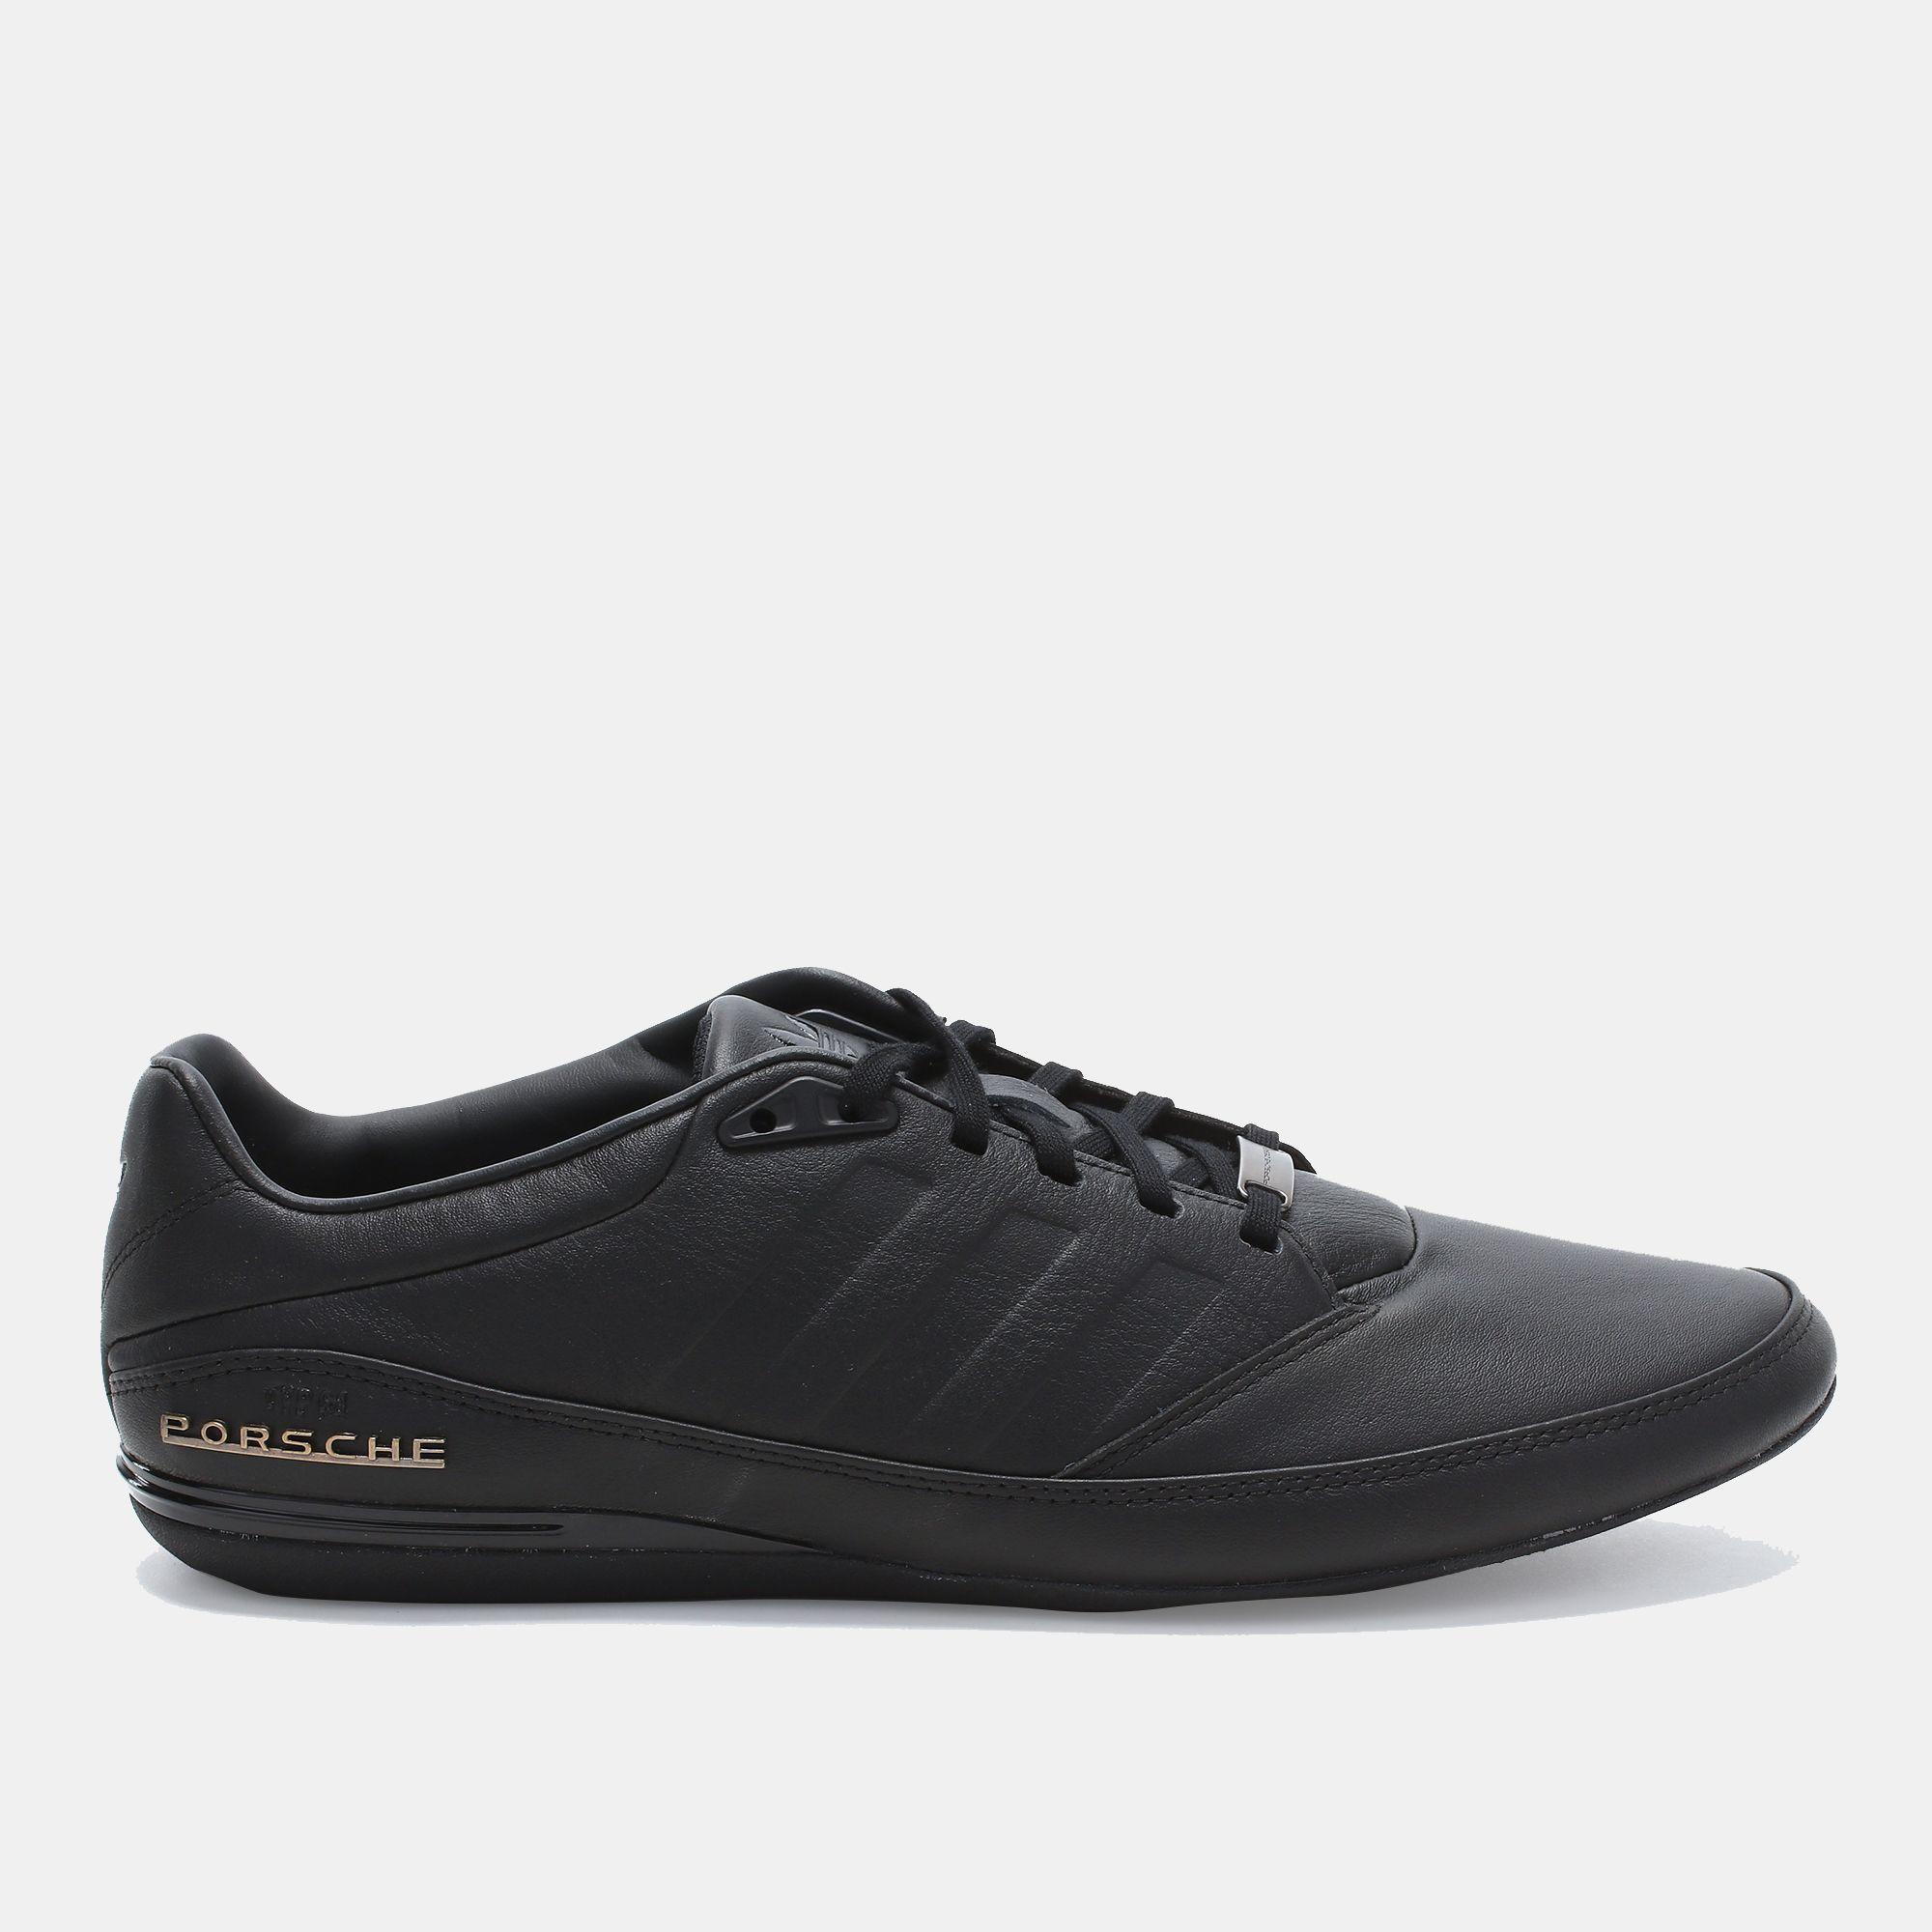 7fc4929480216 ... coupon code for shop negro adidas porsche porsche adidas typ 64 zapato  para hombres por adidas